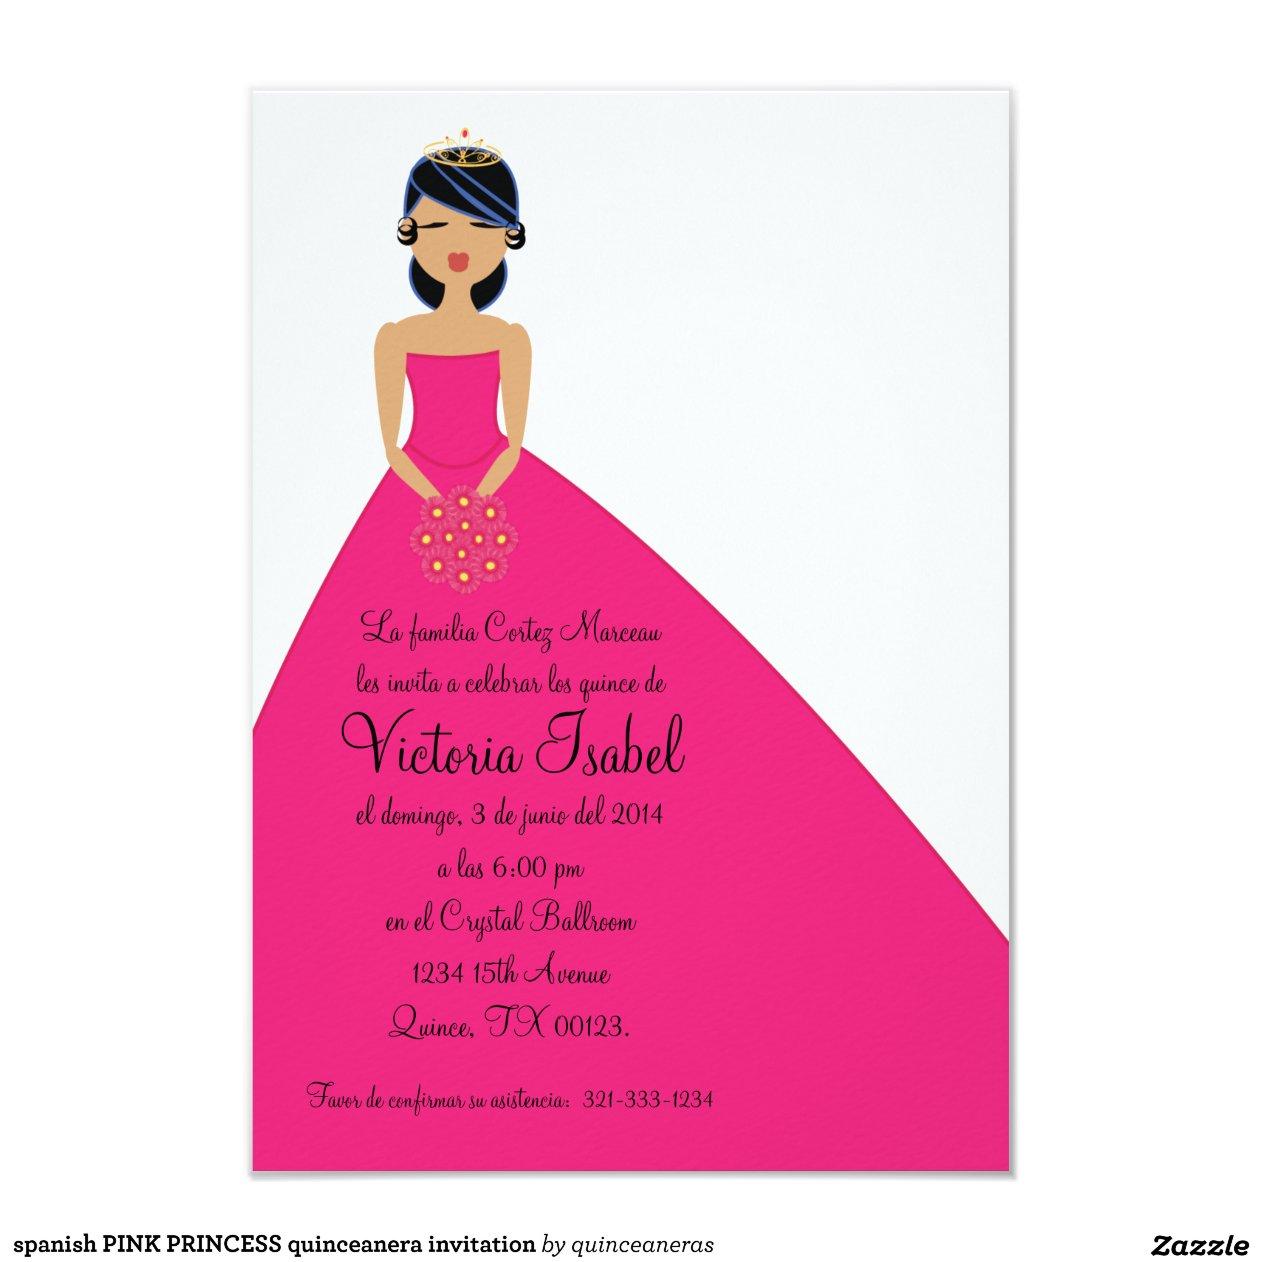 spanish_pink_princess_quinceanera_invitation-r5727a7bb72e64f4e9e9c19a74e79df26_zk916_1200.jpg ...